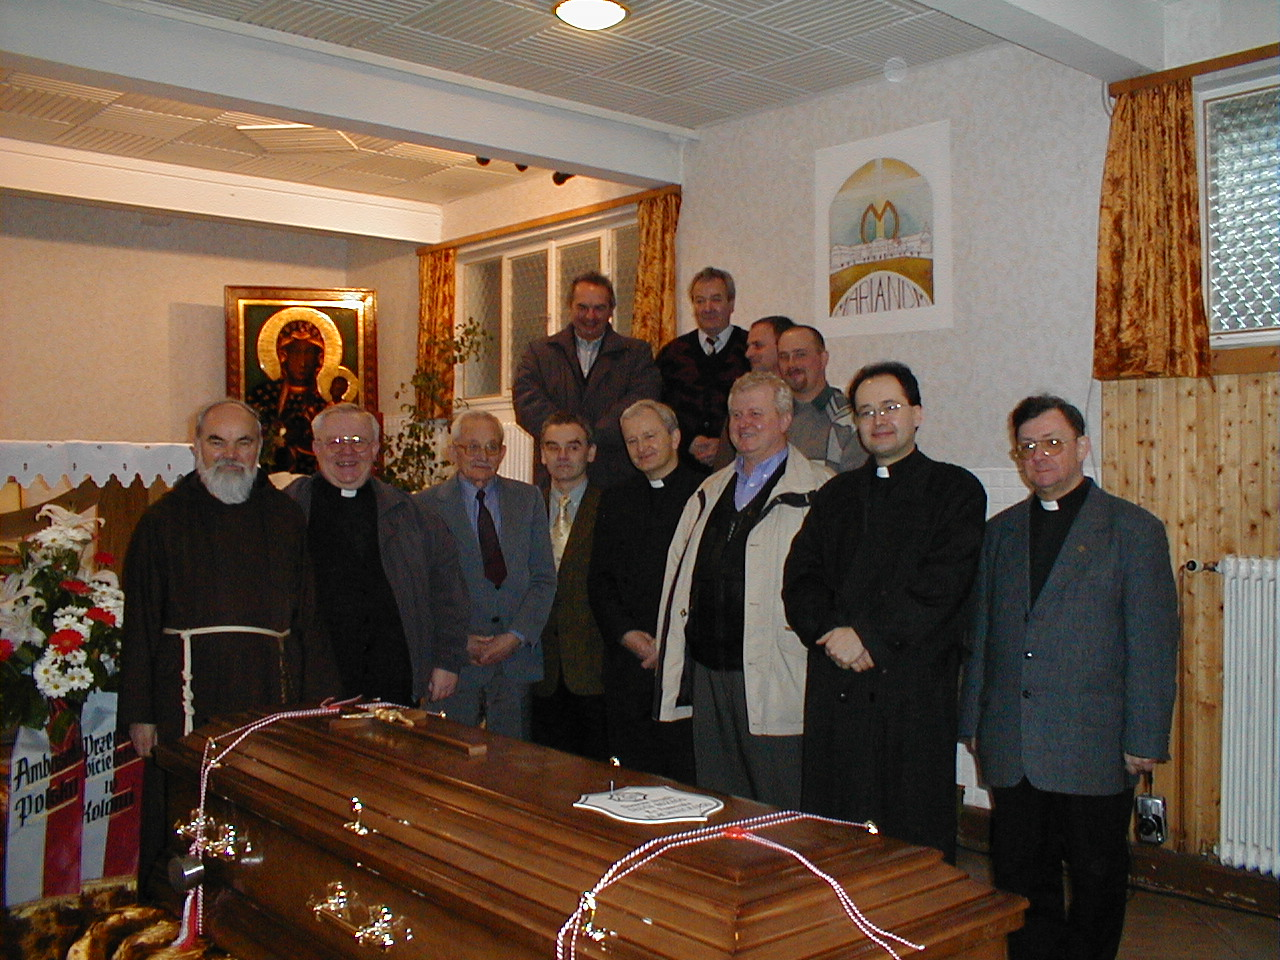 28 marca 2000 r., Komisja Kościelna przy trumnie z doczesnymi szczątkami Sługi Bożego Ks. Franciszka Blachnickiego na chwilę przed wyjazdem z Carlsbergu